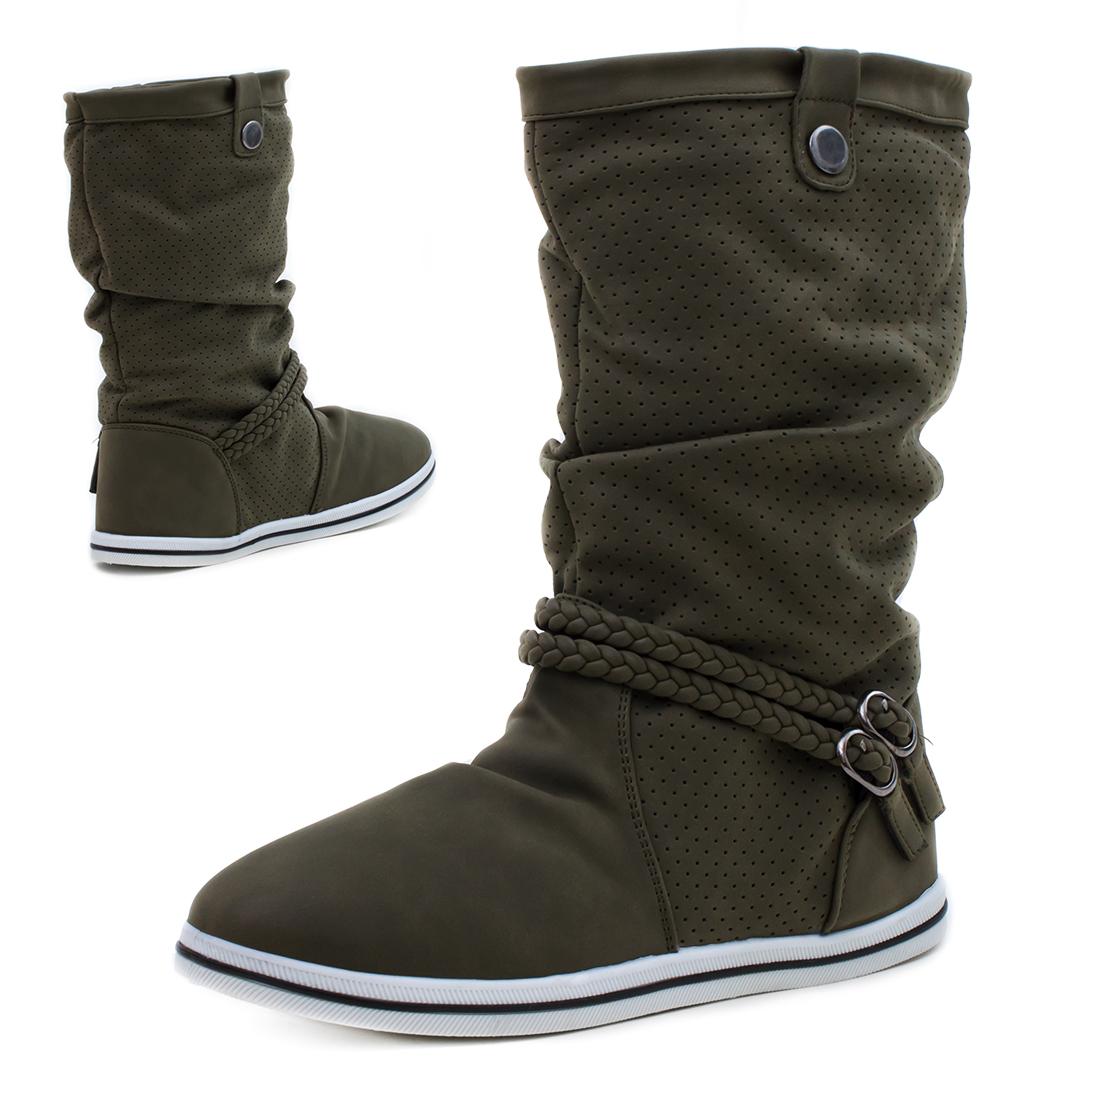 neu damen trendy schlupf boots stiefeletten stiefel schuhe gr 36 37 38 39 40 41 ebay. Black Bedroom Furniture Sets. Home Design Ideas